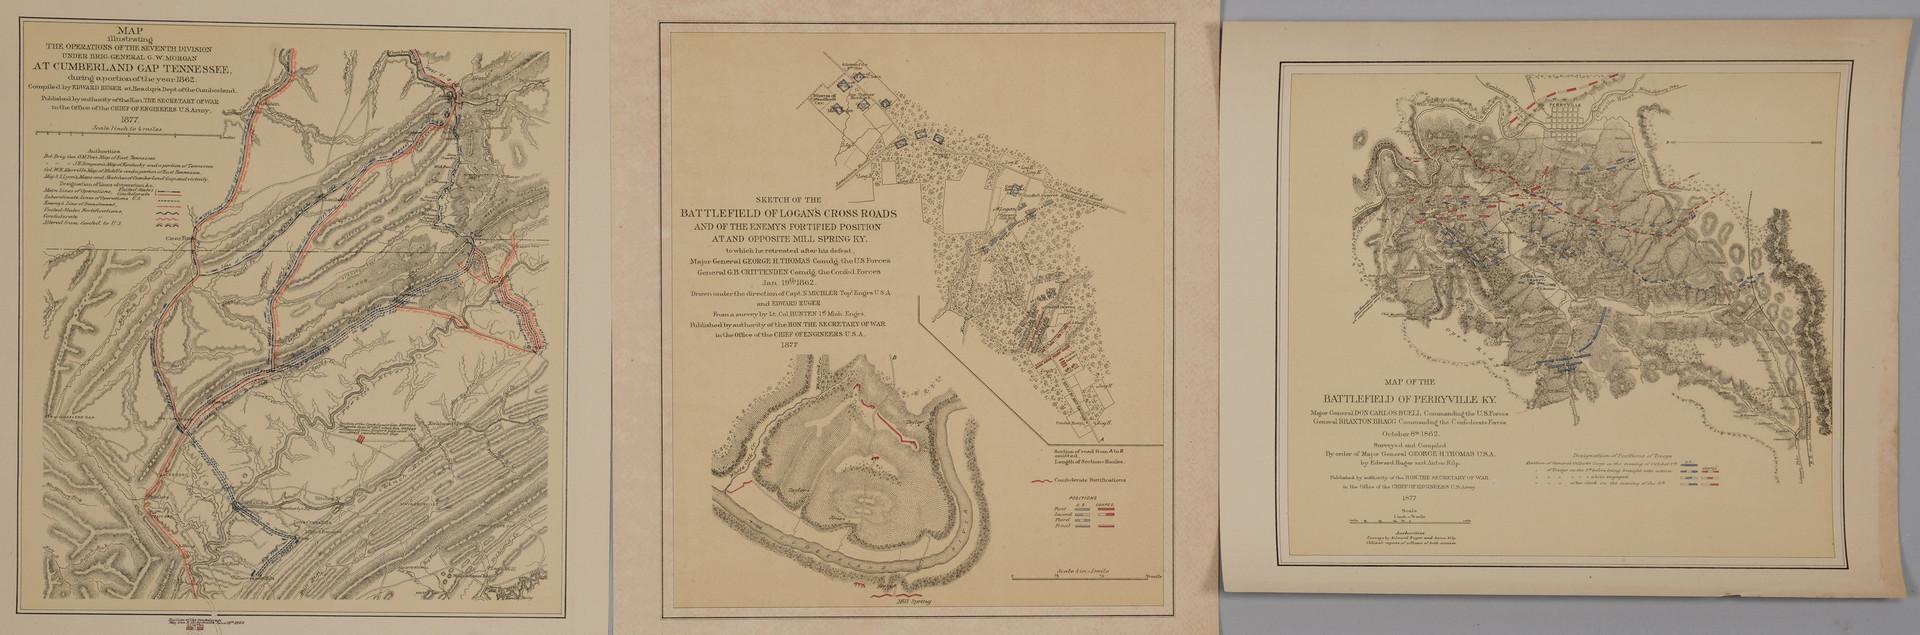 Lot 382: 3 KY-TN Civil War Maps